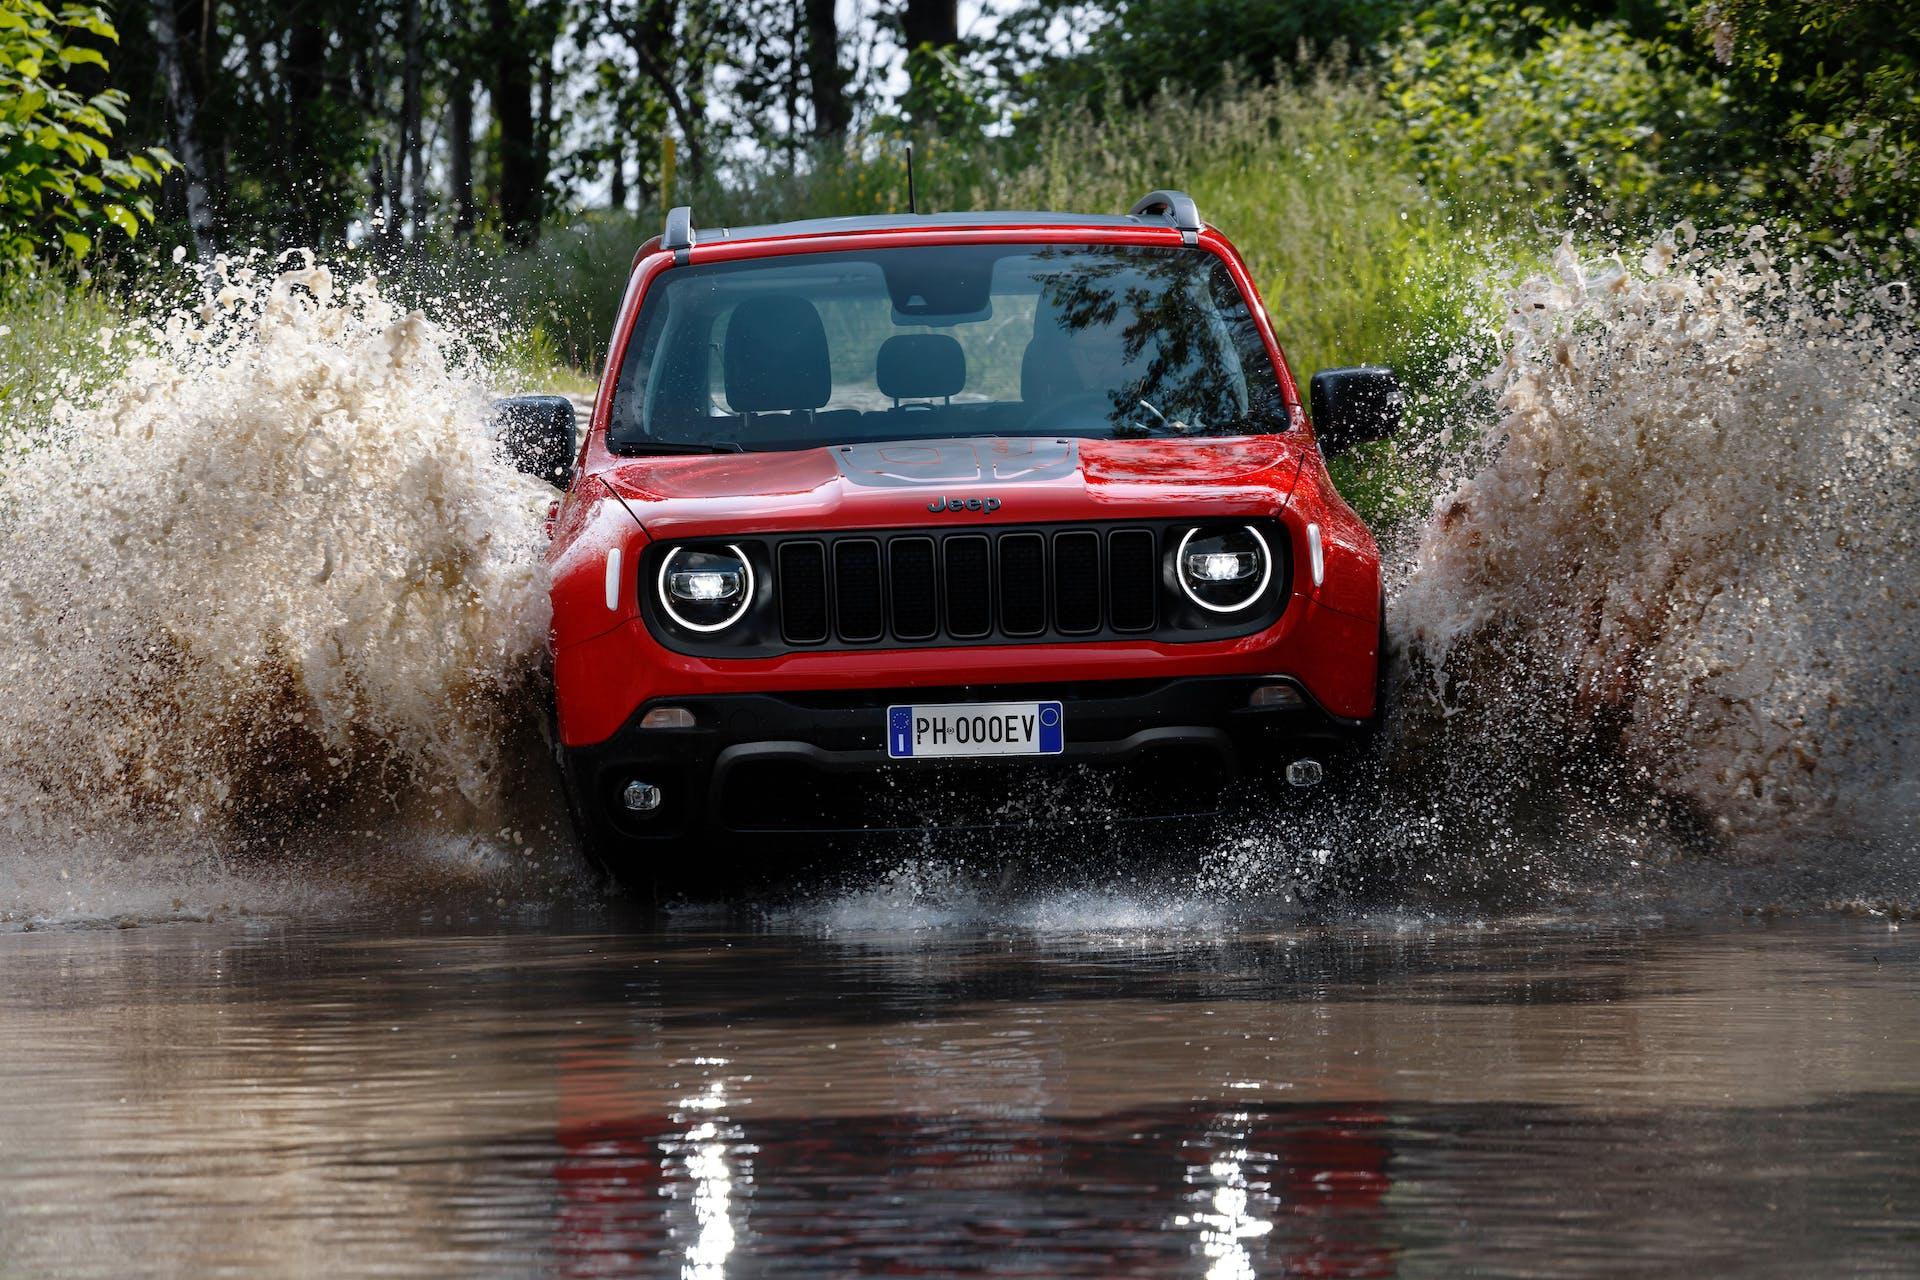 Jeep Renegade ibrida plug-in